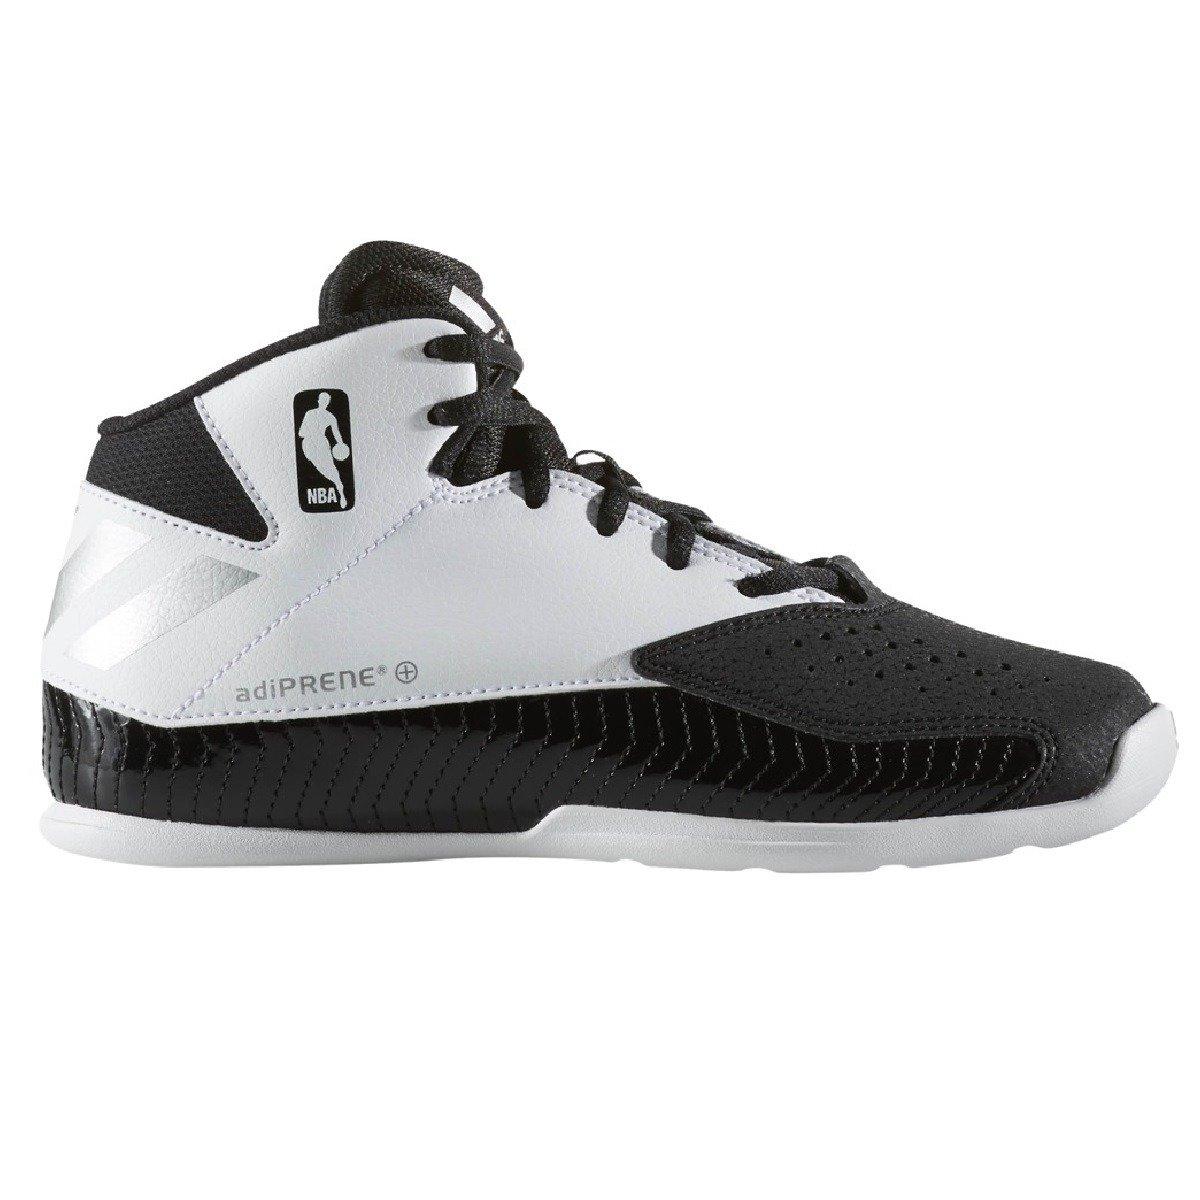 Chaussure de basketball Adidas Next Level Speed 5 NBA K